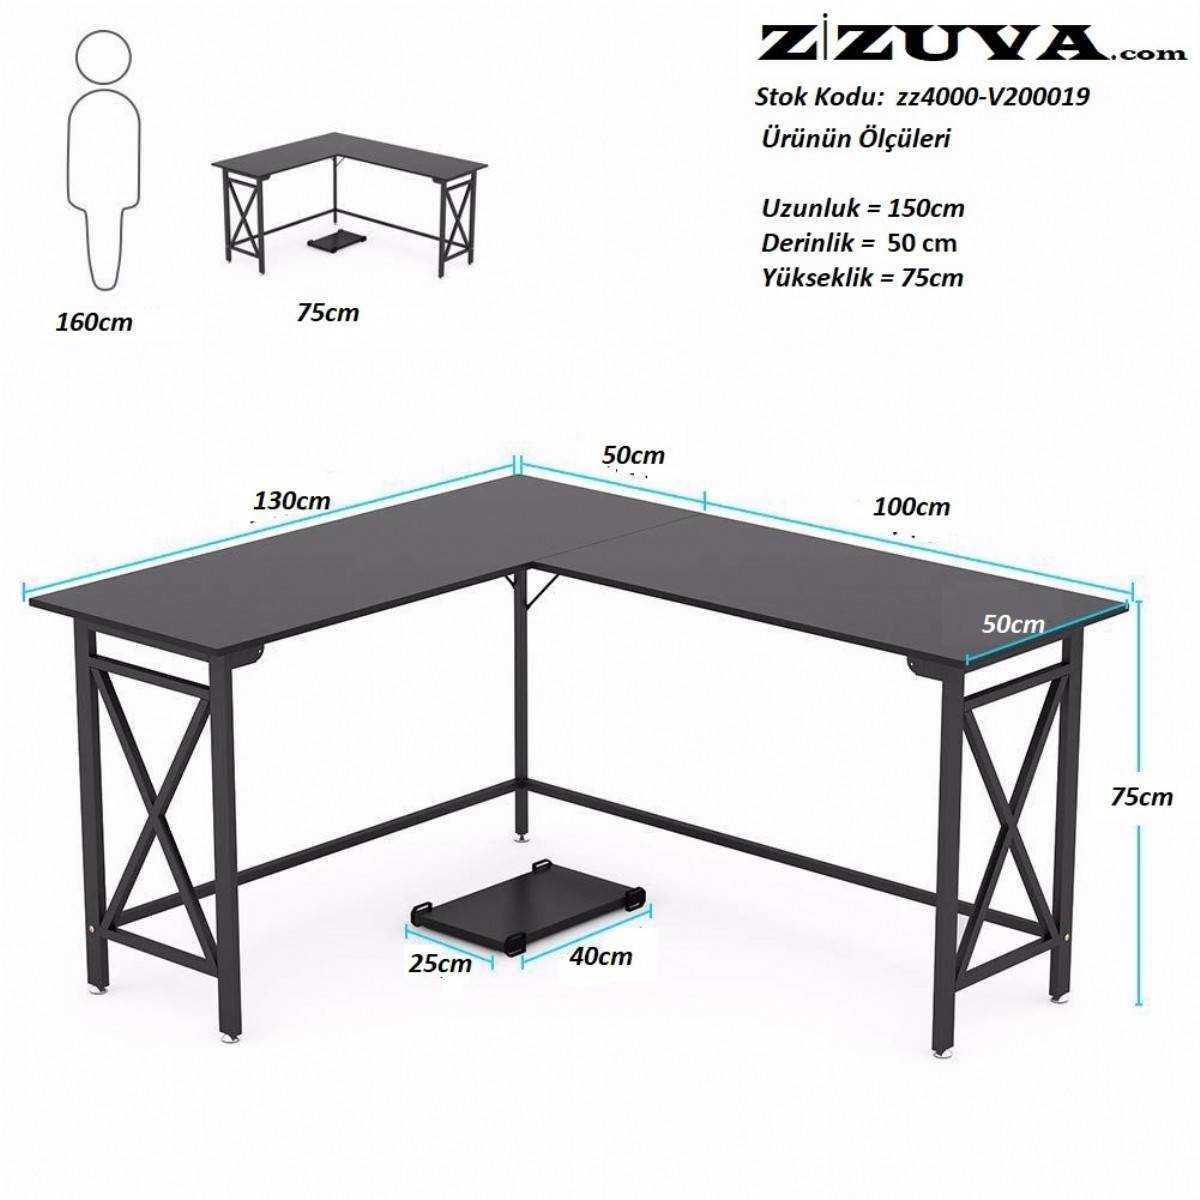 Zizuva Tasarım L Köşe Ev Ofis Metal Bilgisayar Çalışma Masası ve Kasa Taşıyıcı